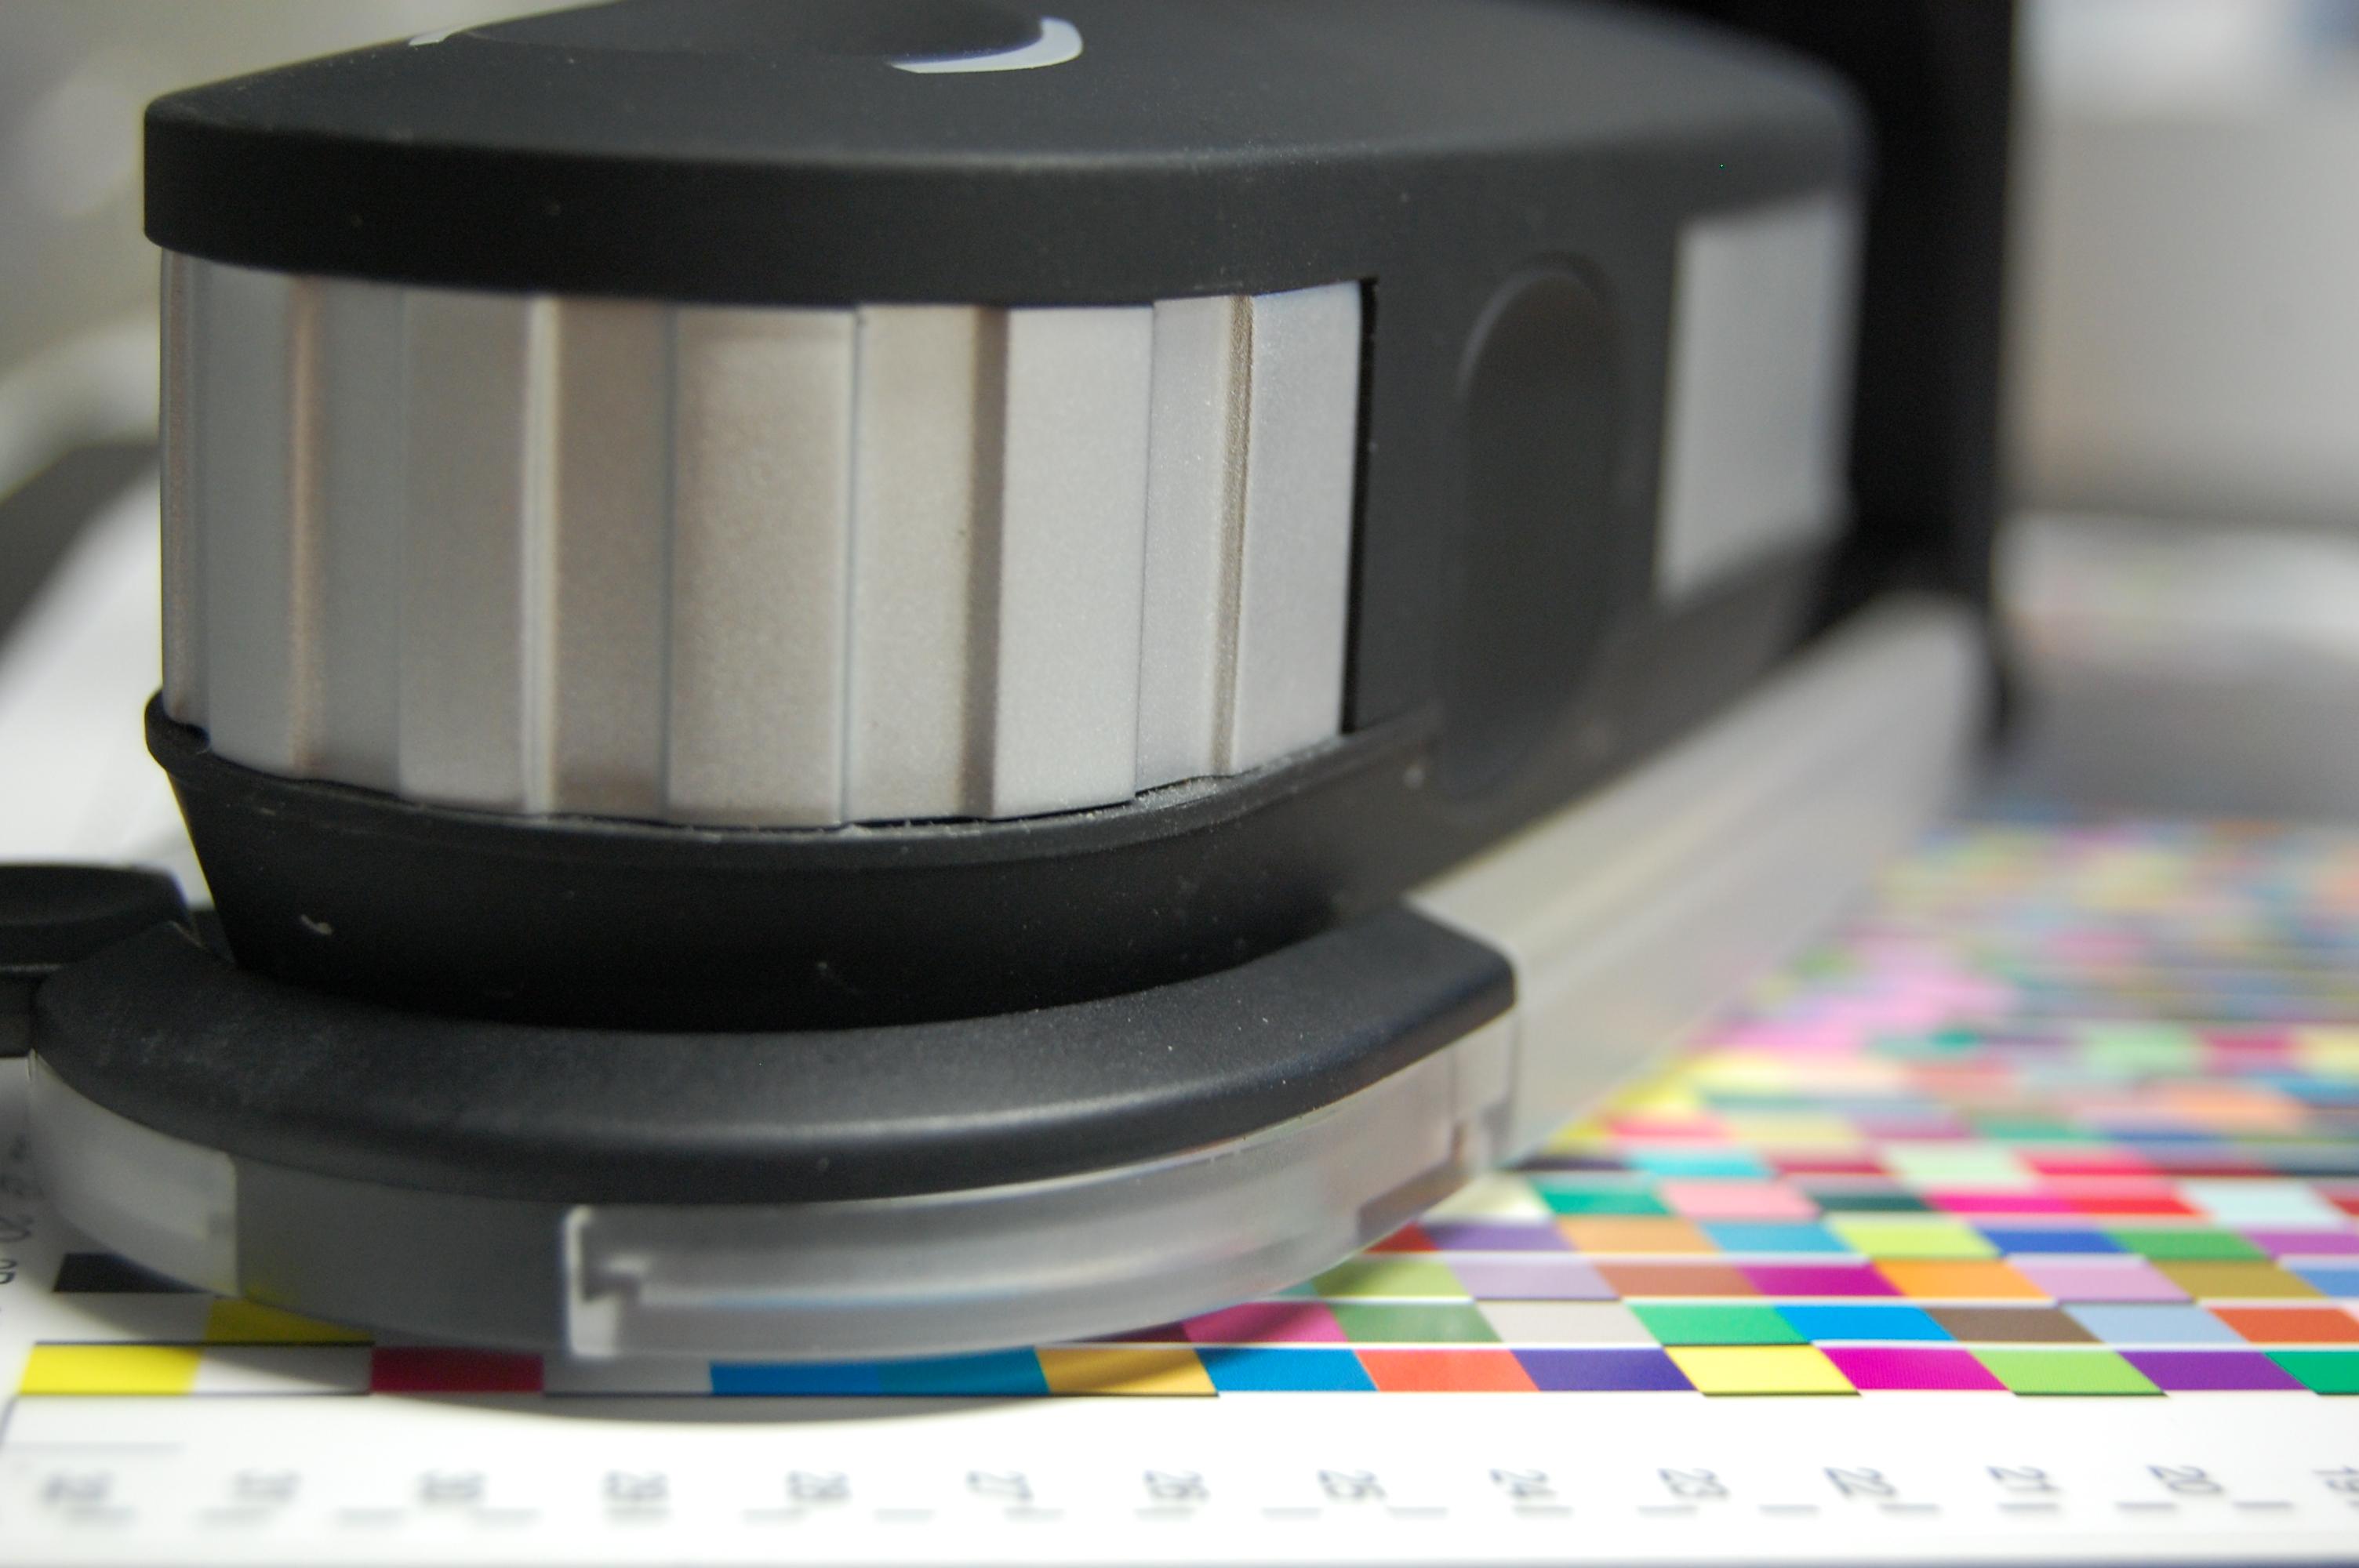 spettrofotometri e densitometri per le tipografie